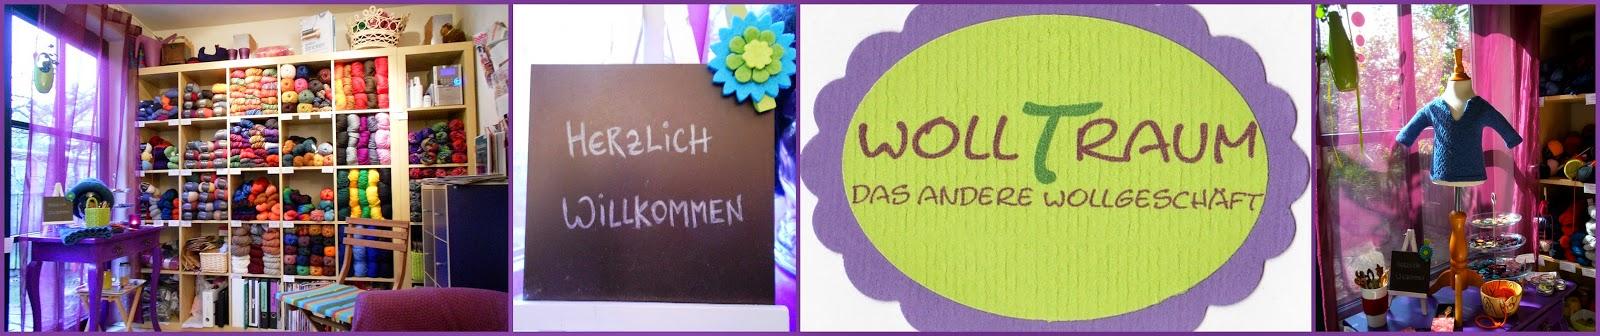 http://www.woll-t-raum.de/